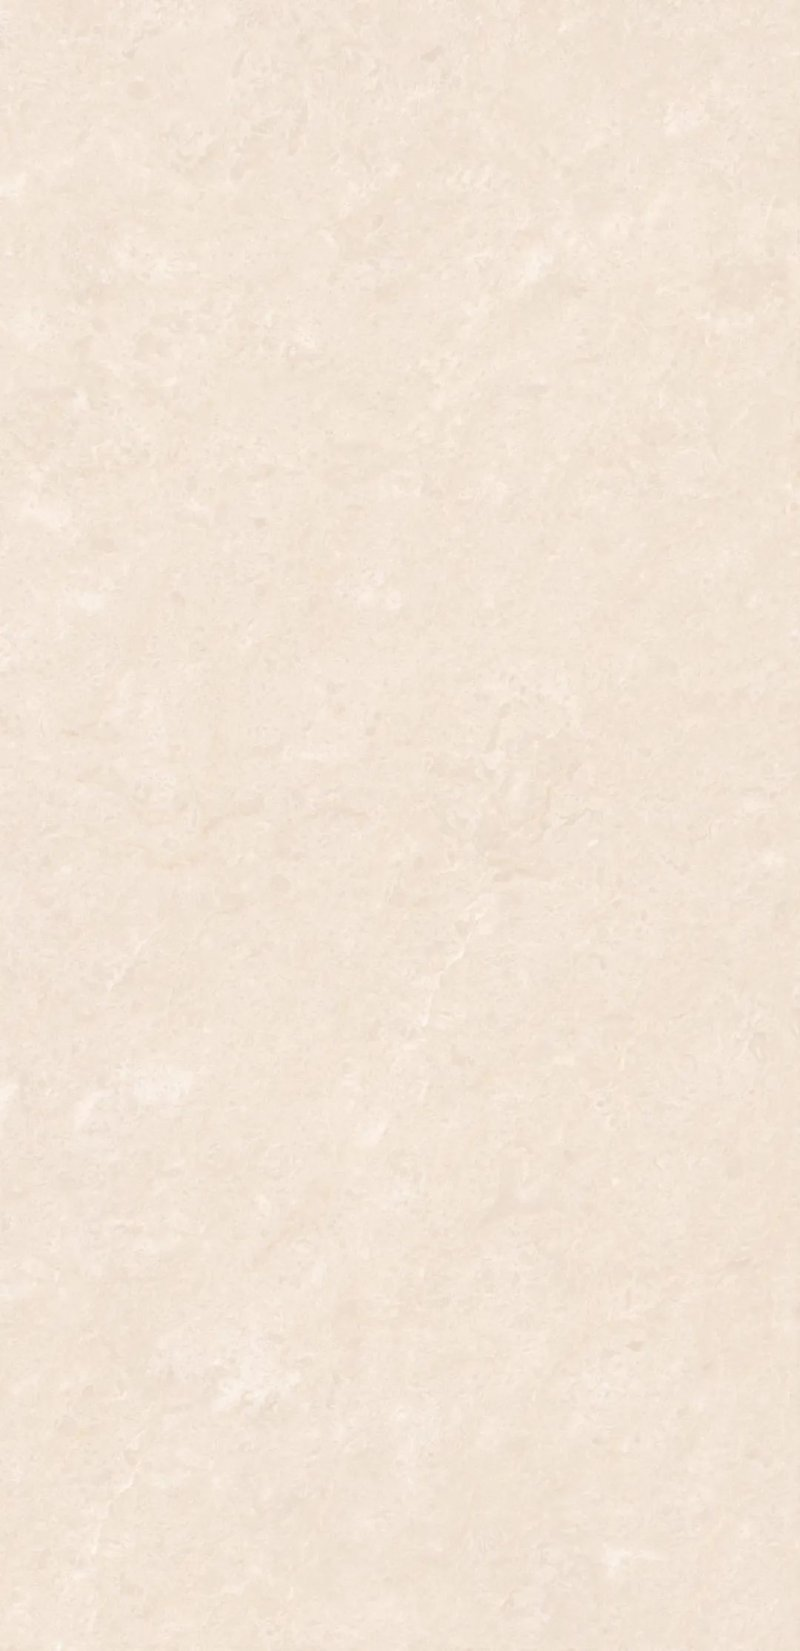 意特陶陶瓷百搭米黄系图片 欧式风格装修效果图